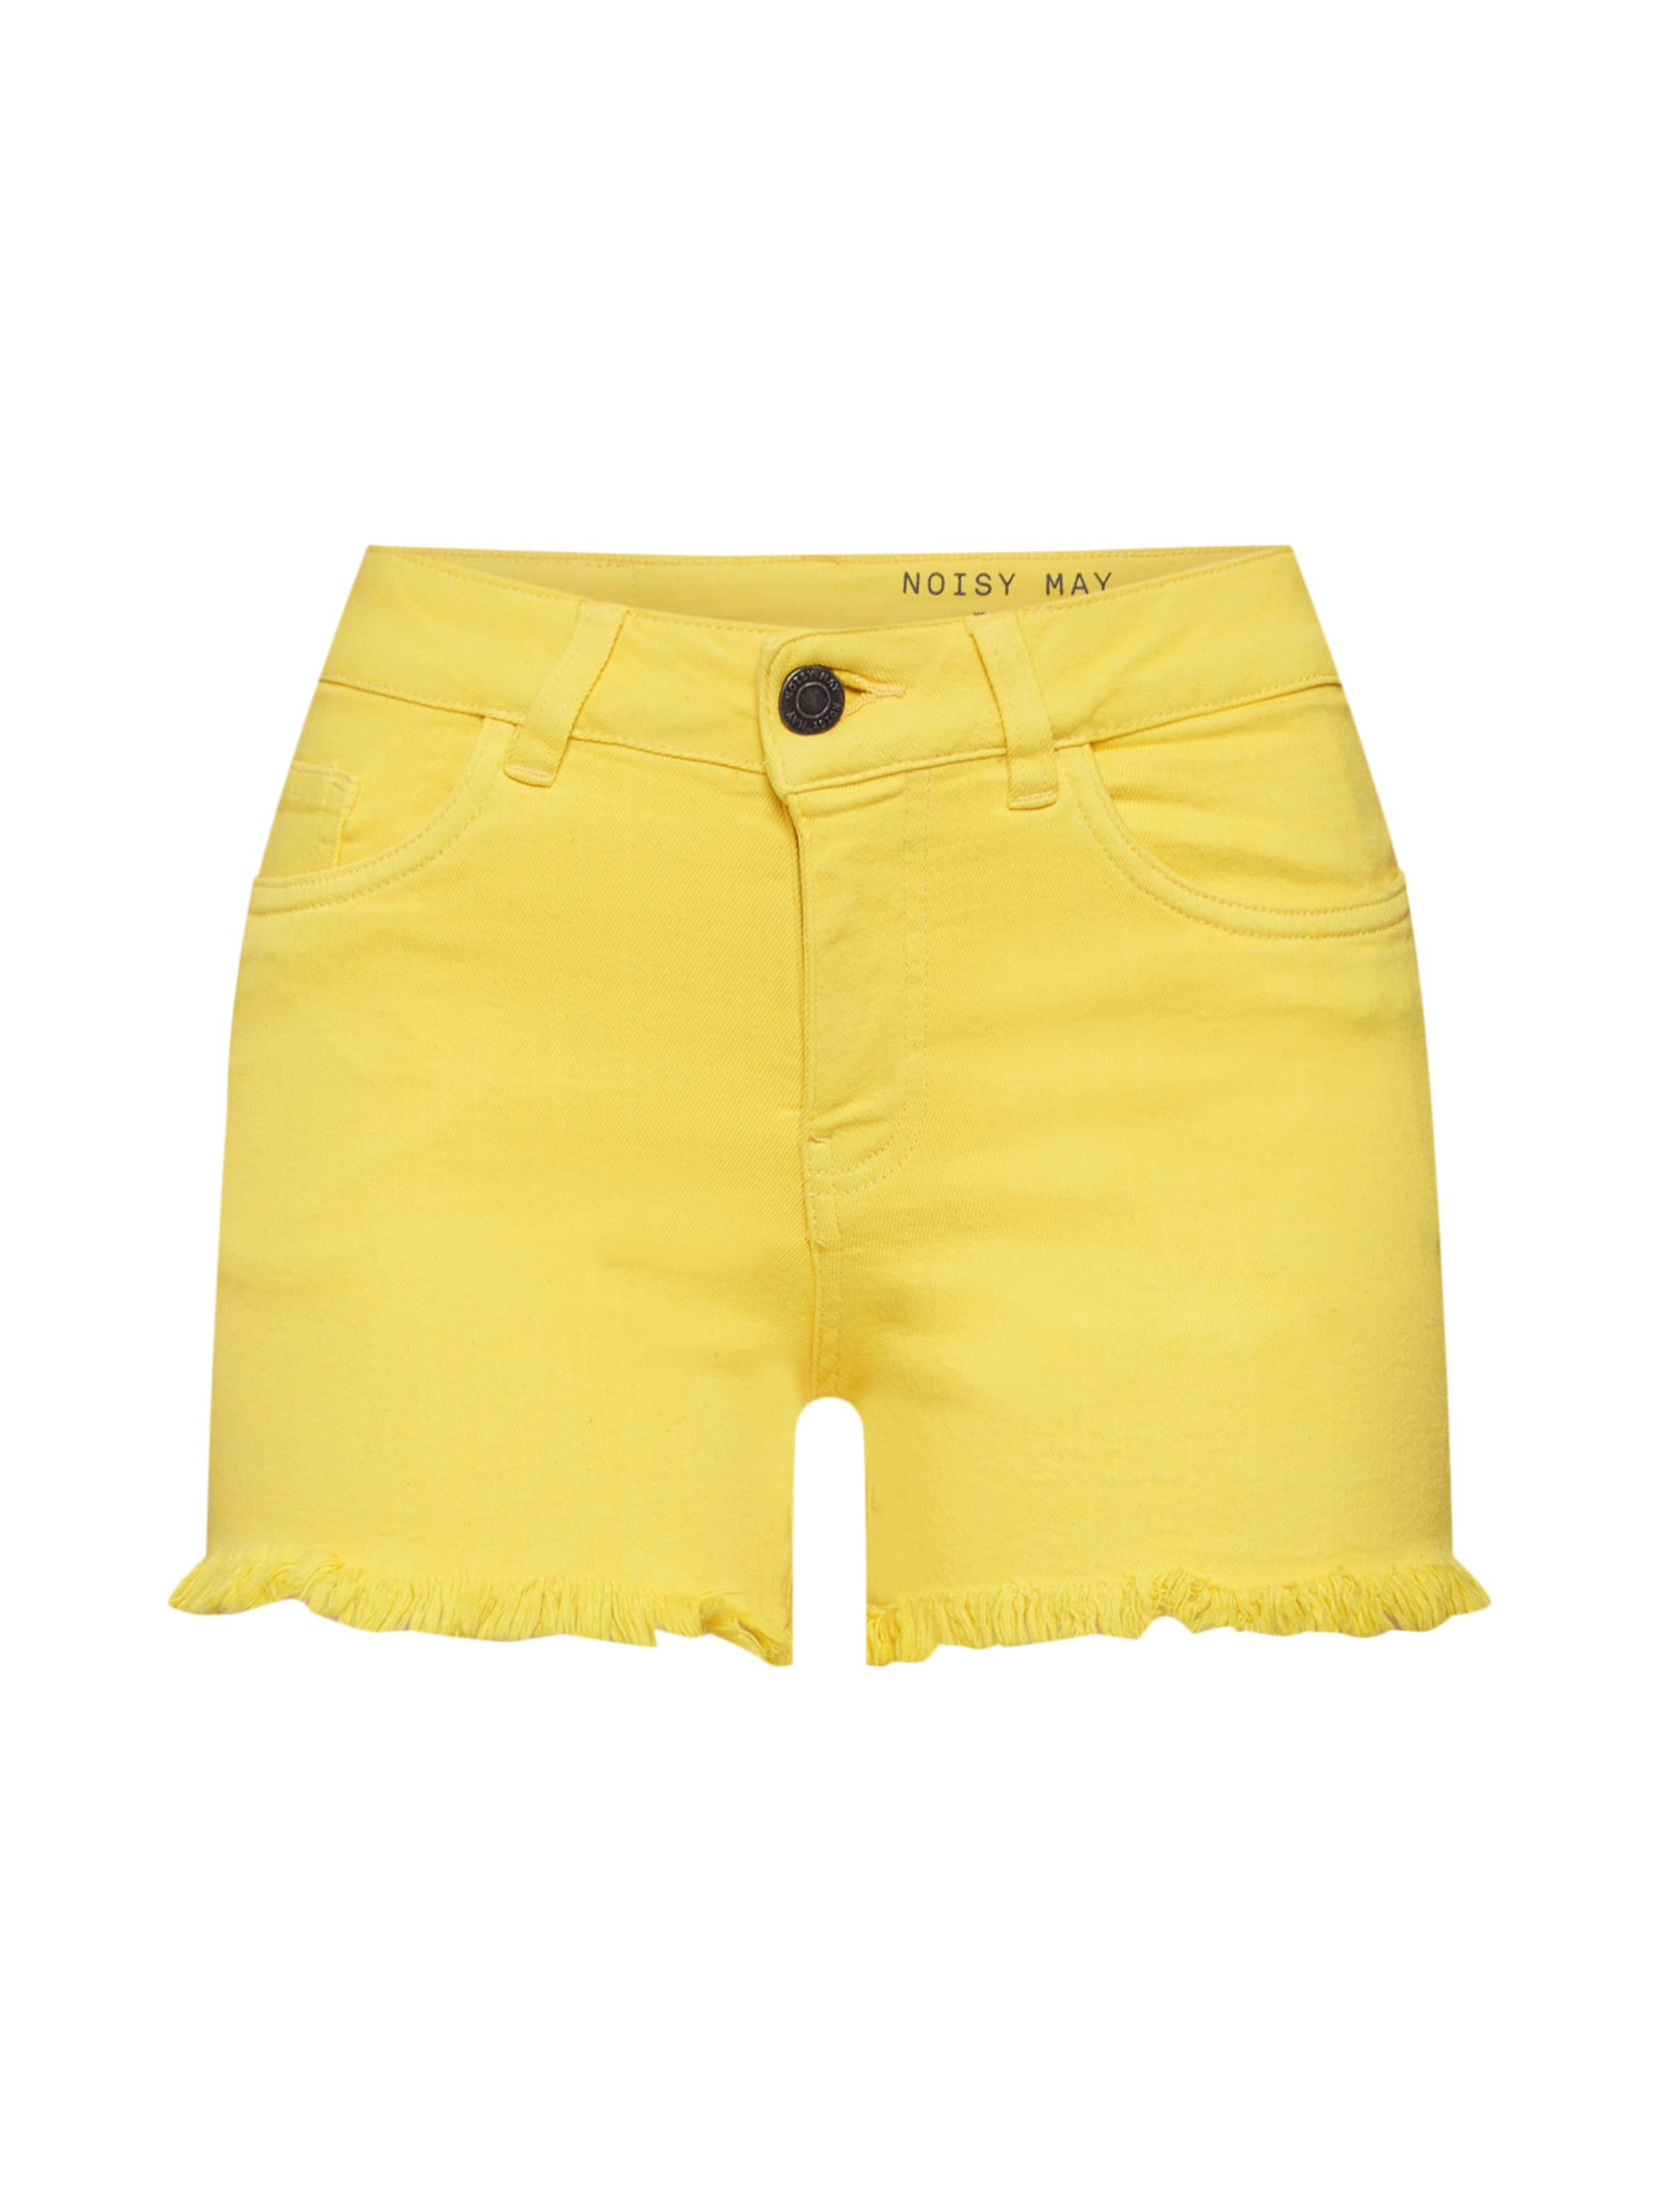 May In Noisy Noisy May Shorts Gelb 80wXnOPk